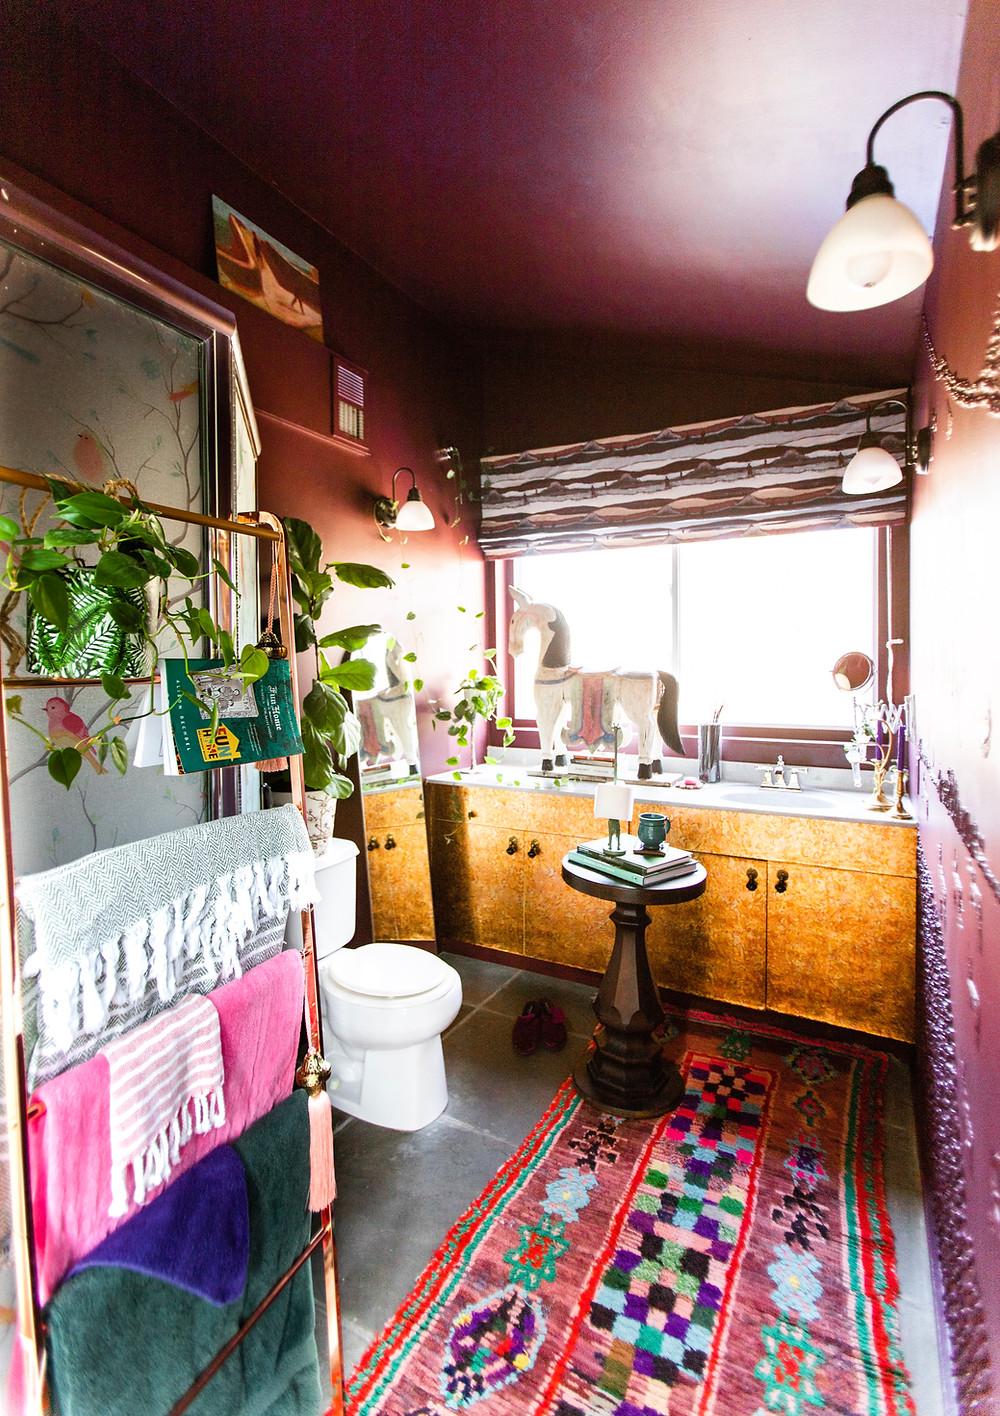 Moroccan rug, copper bathroom cabinets, brinjal by farrow and ball, cozy bathroom